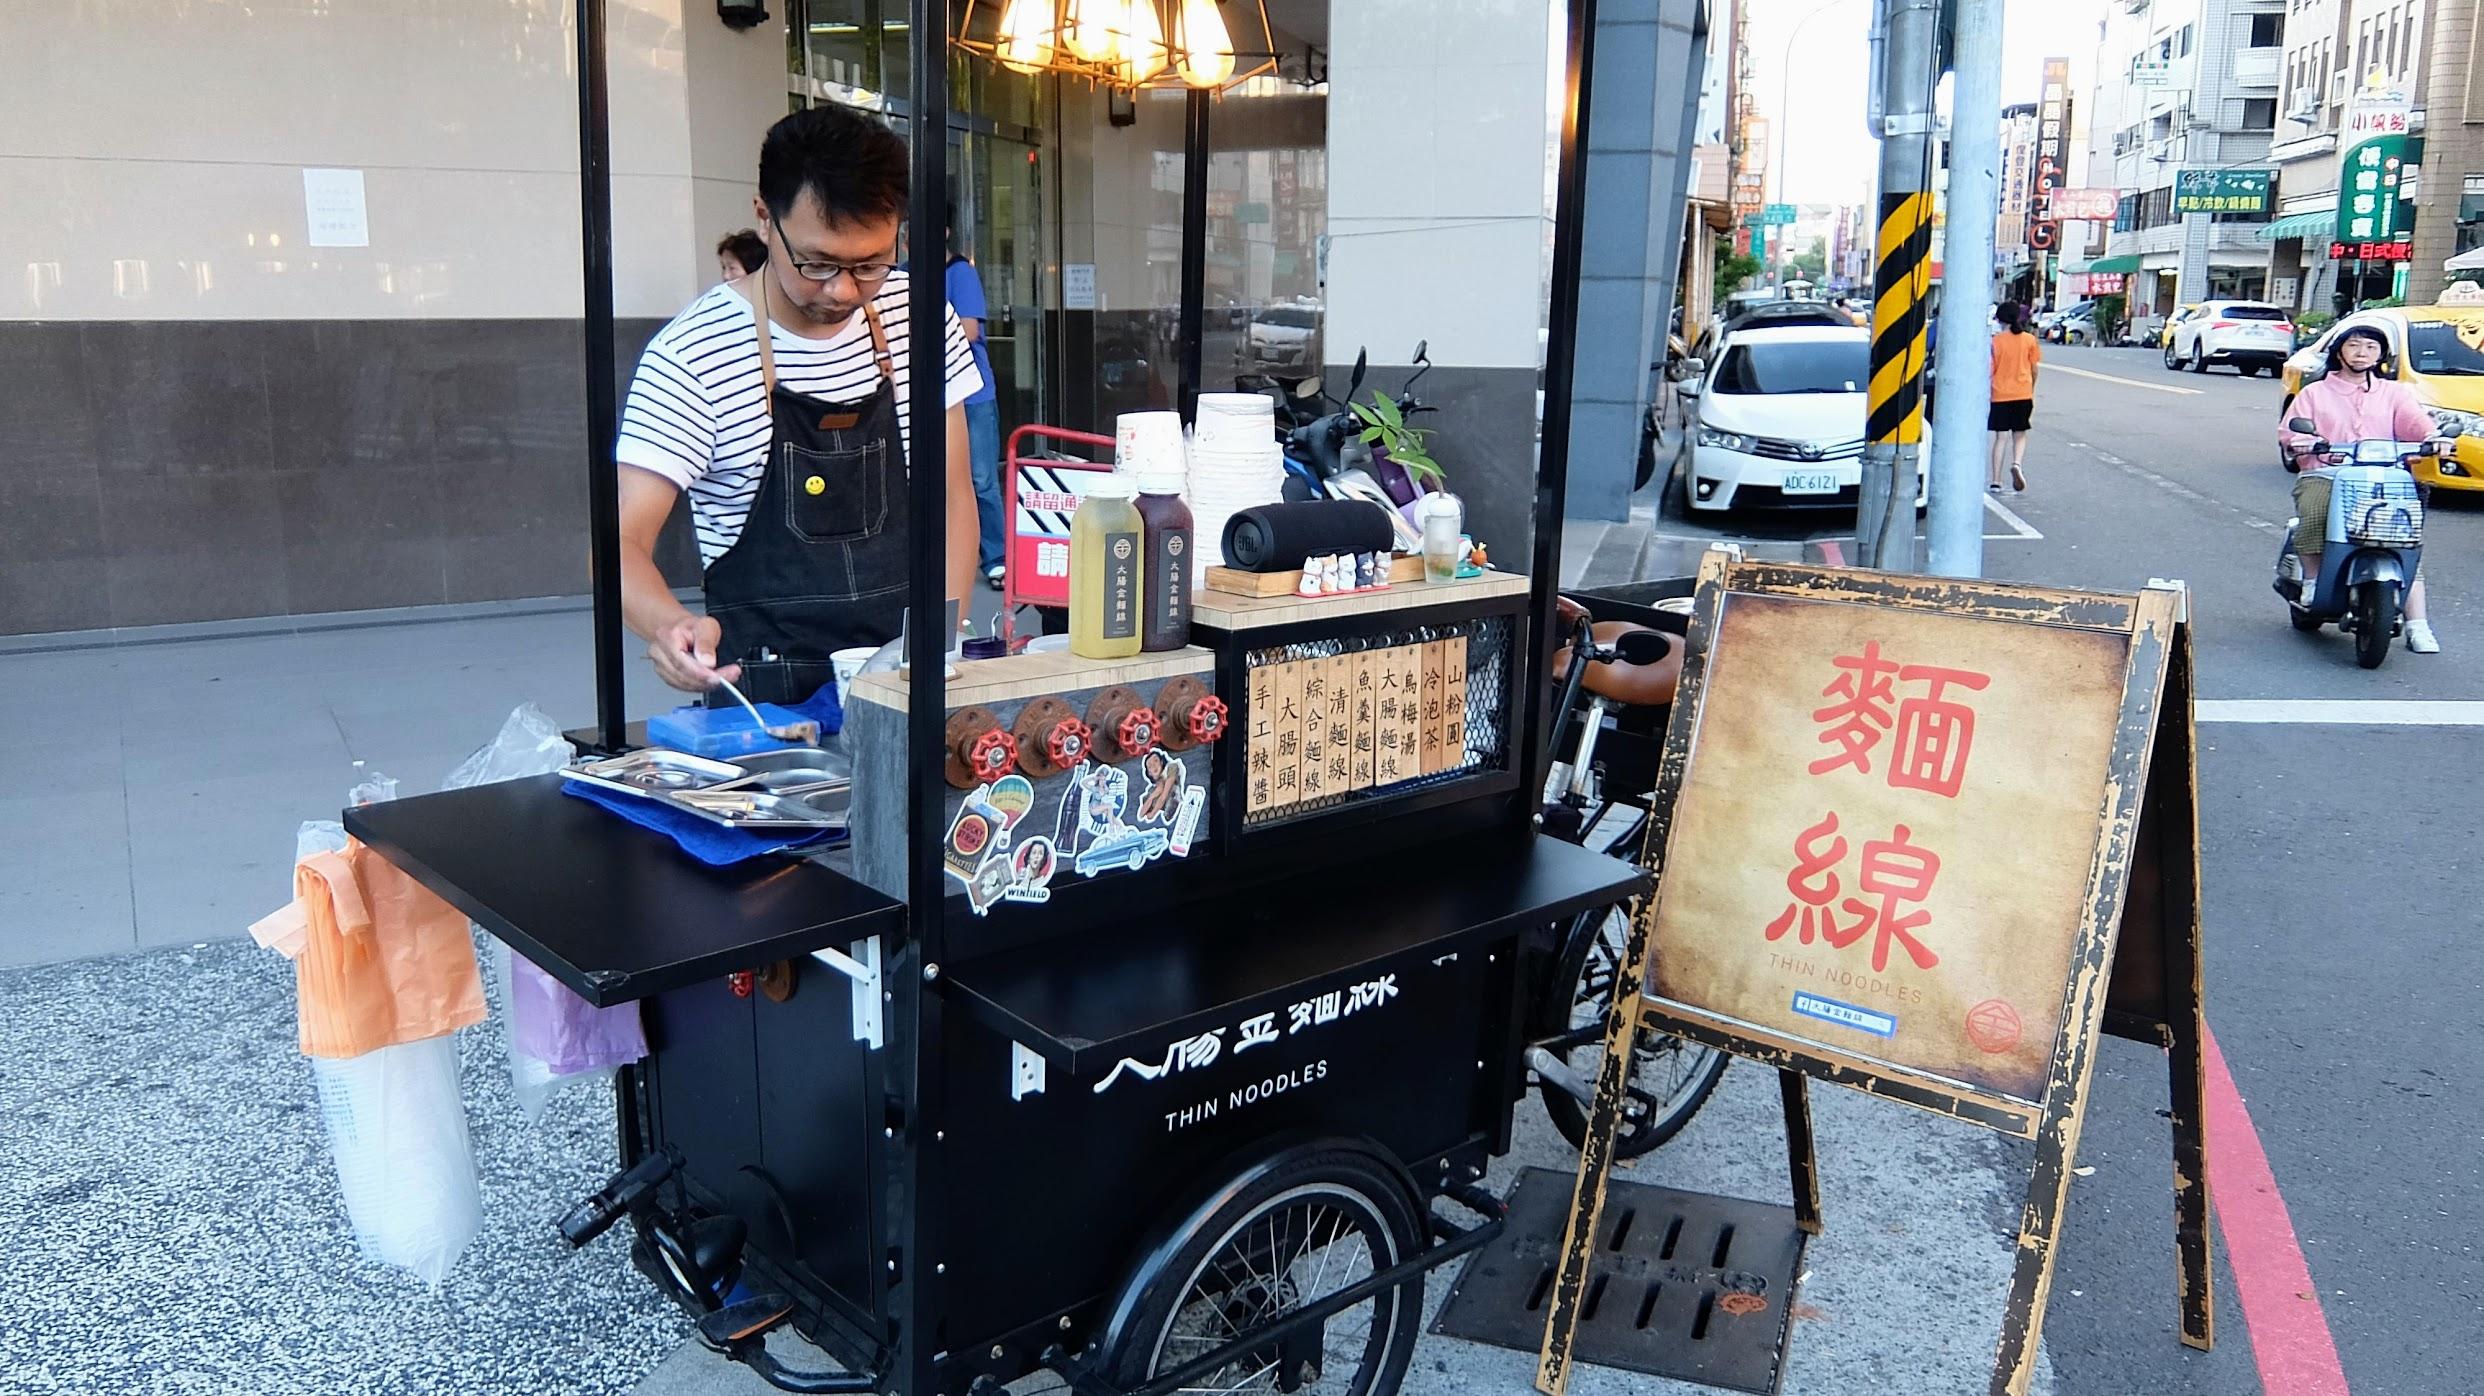 """抓! 這是一個餐車,在七賢脊椎外科外發現的,店名就是""""大腸金麵線"""""""